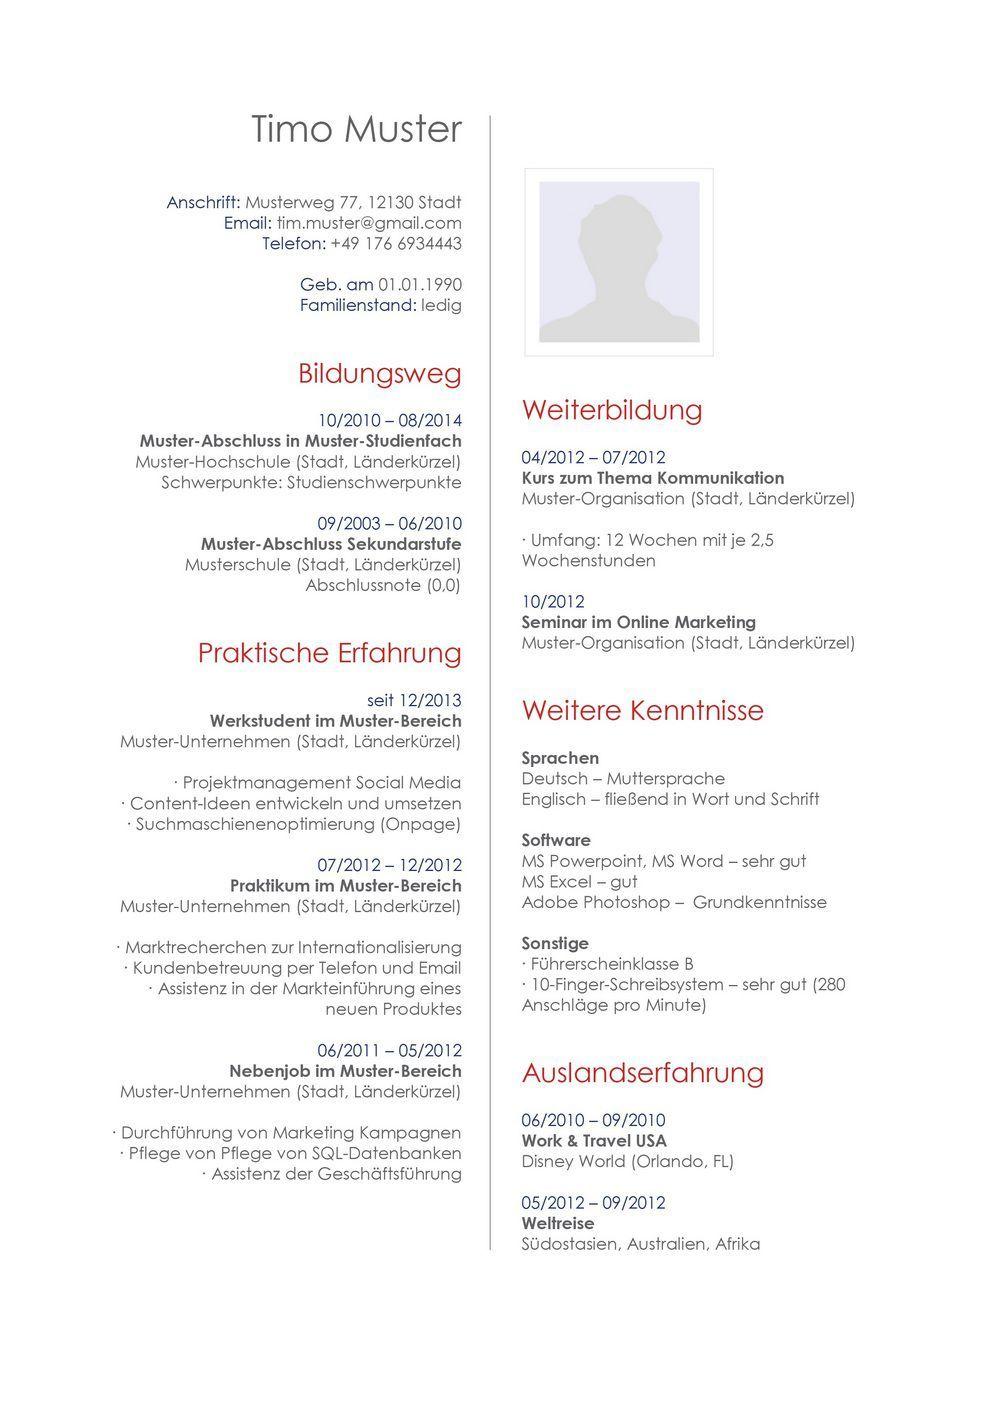 Lebenslauf Muster Vorlage 27 Architekt | Portfolio | Pinterest ...